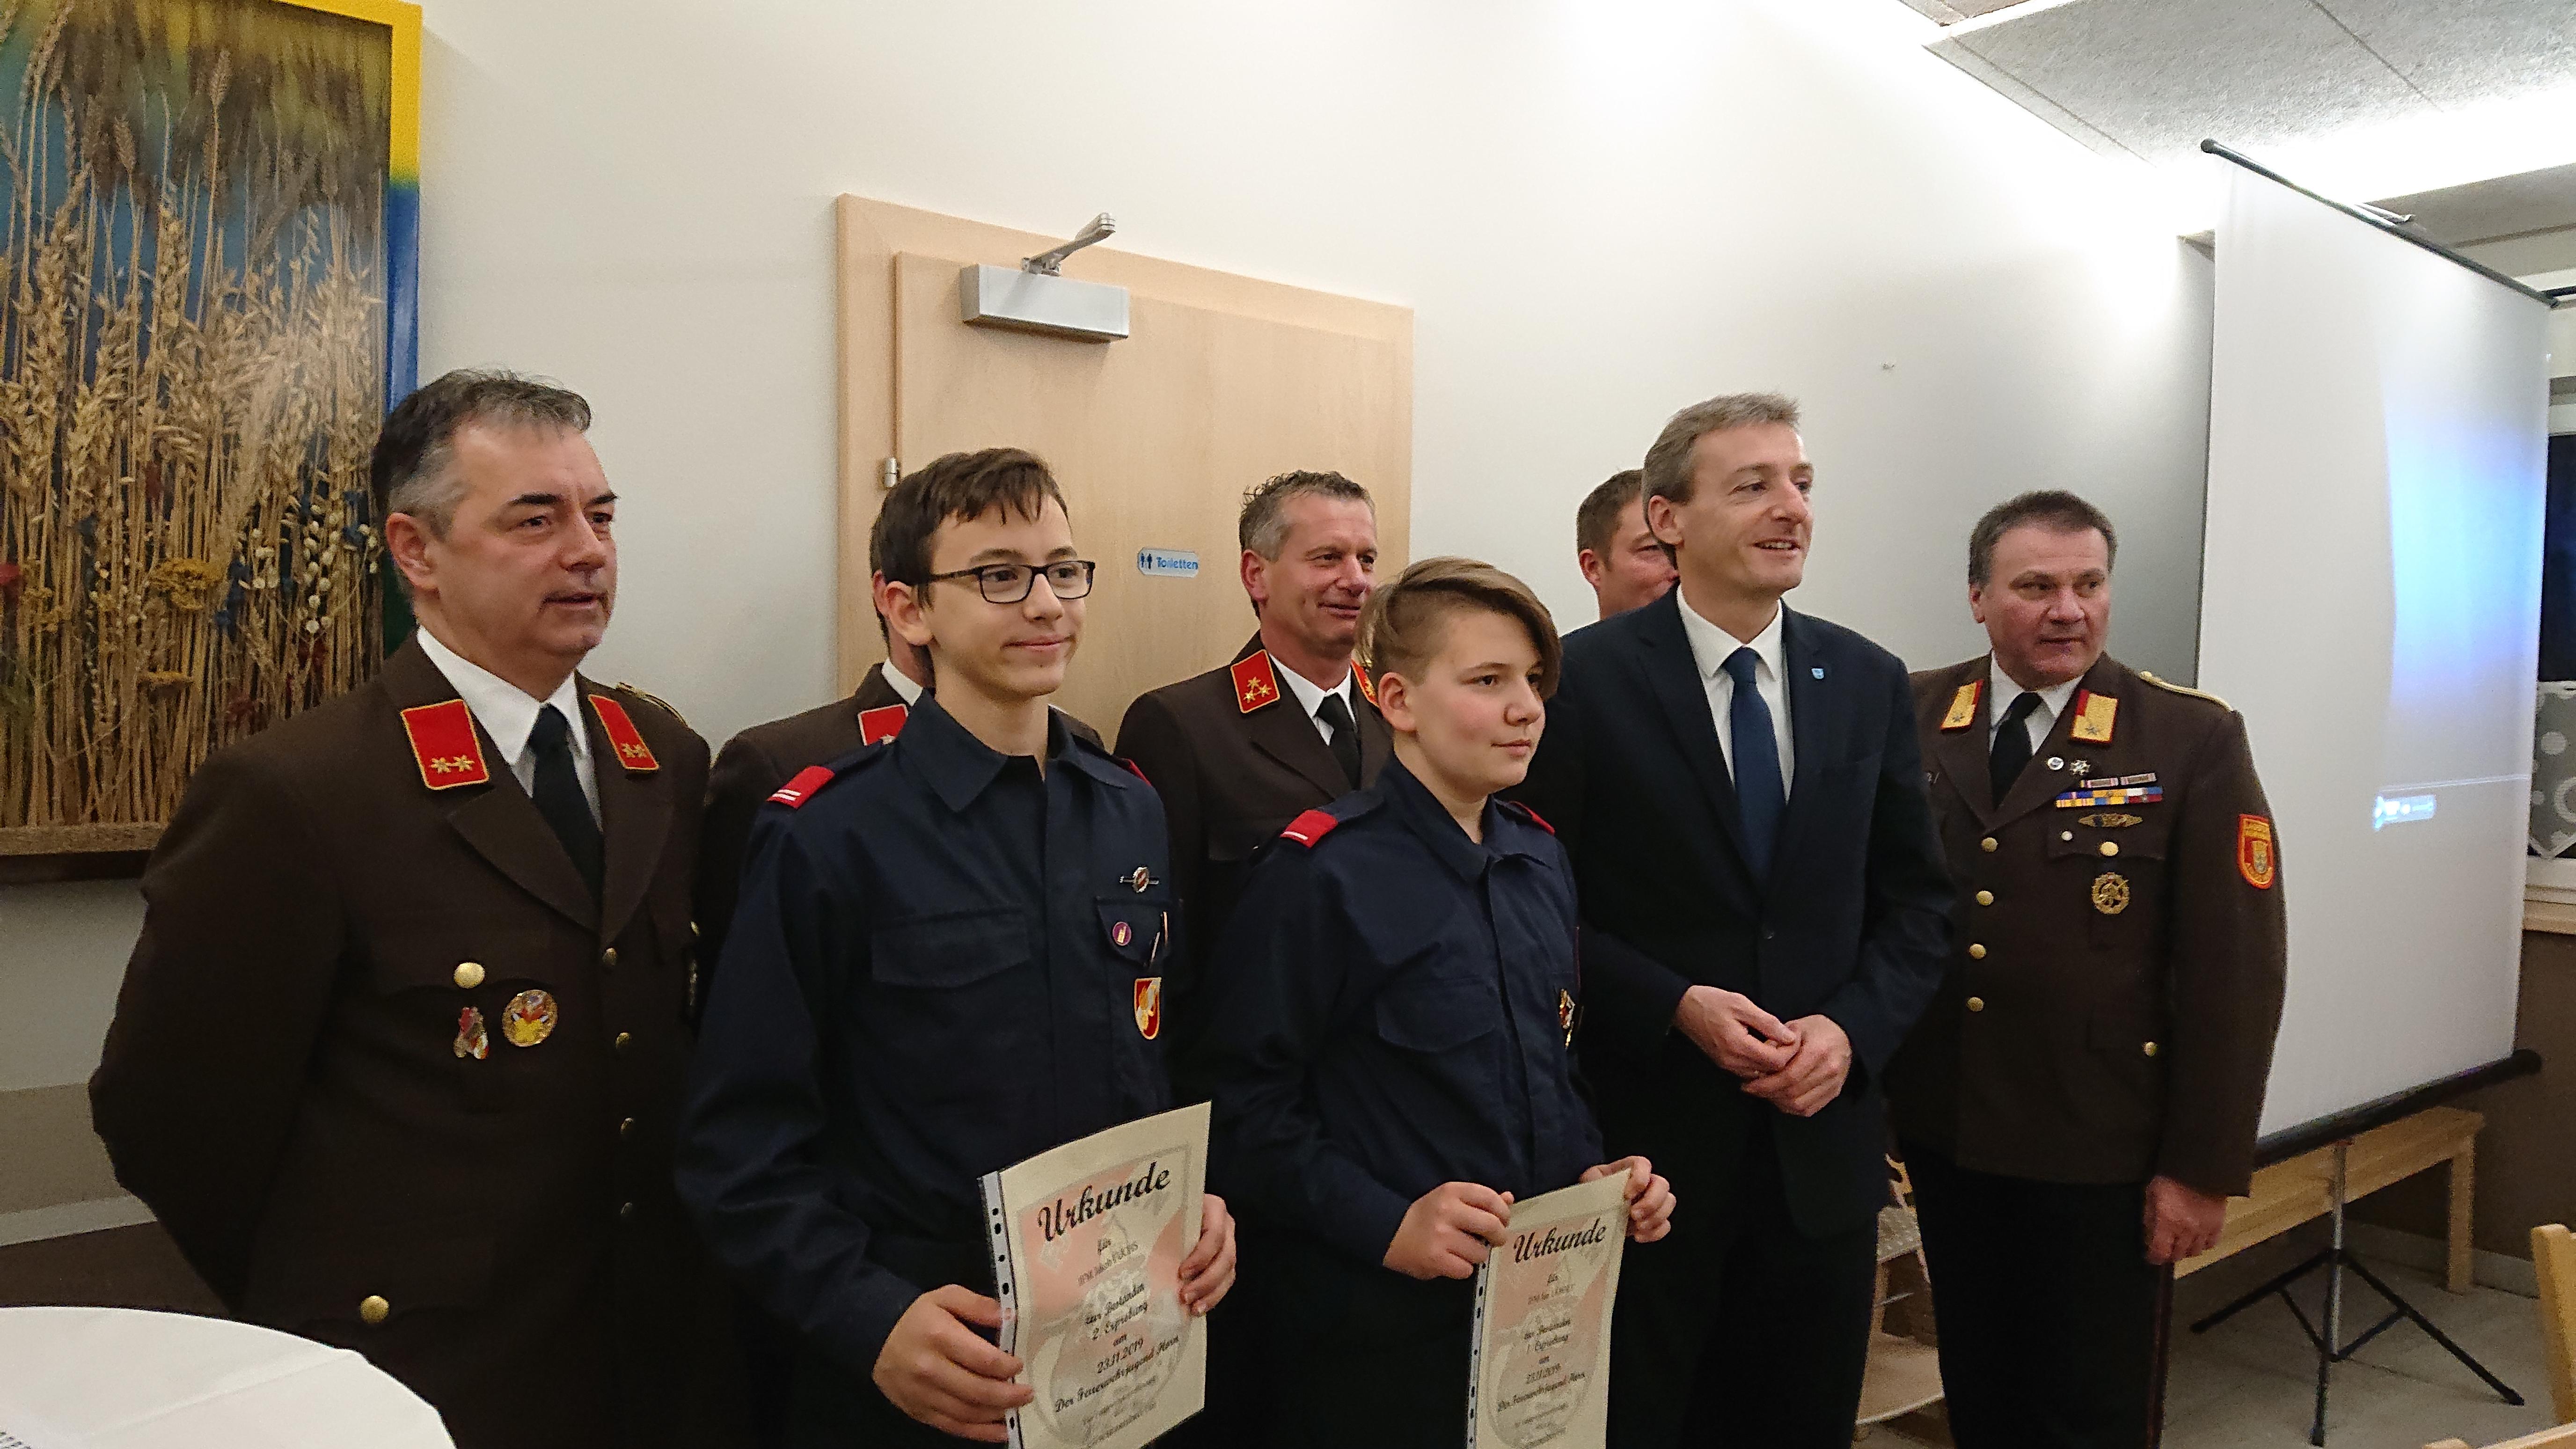 Auszeichnung von 2 Jugendfeuerwehr Mitgliedern